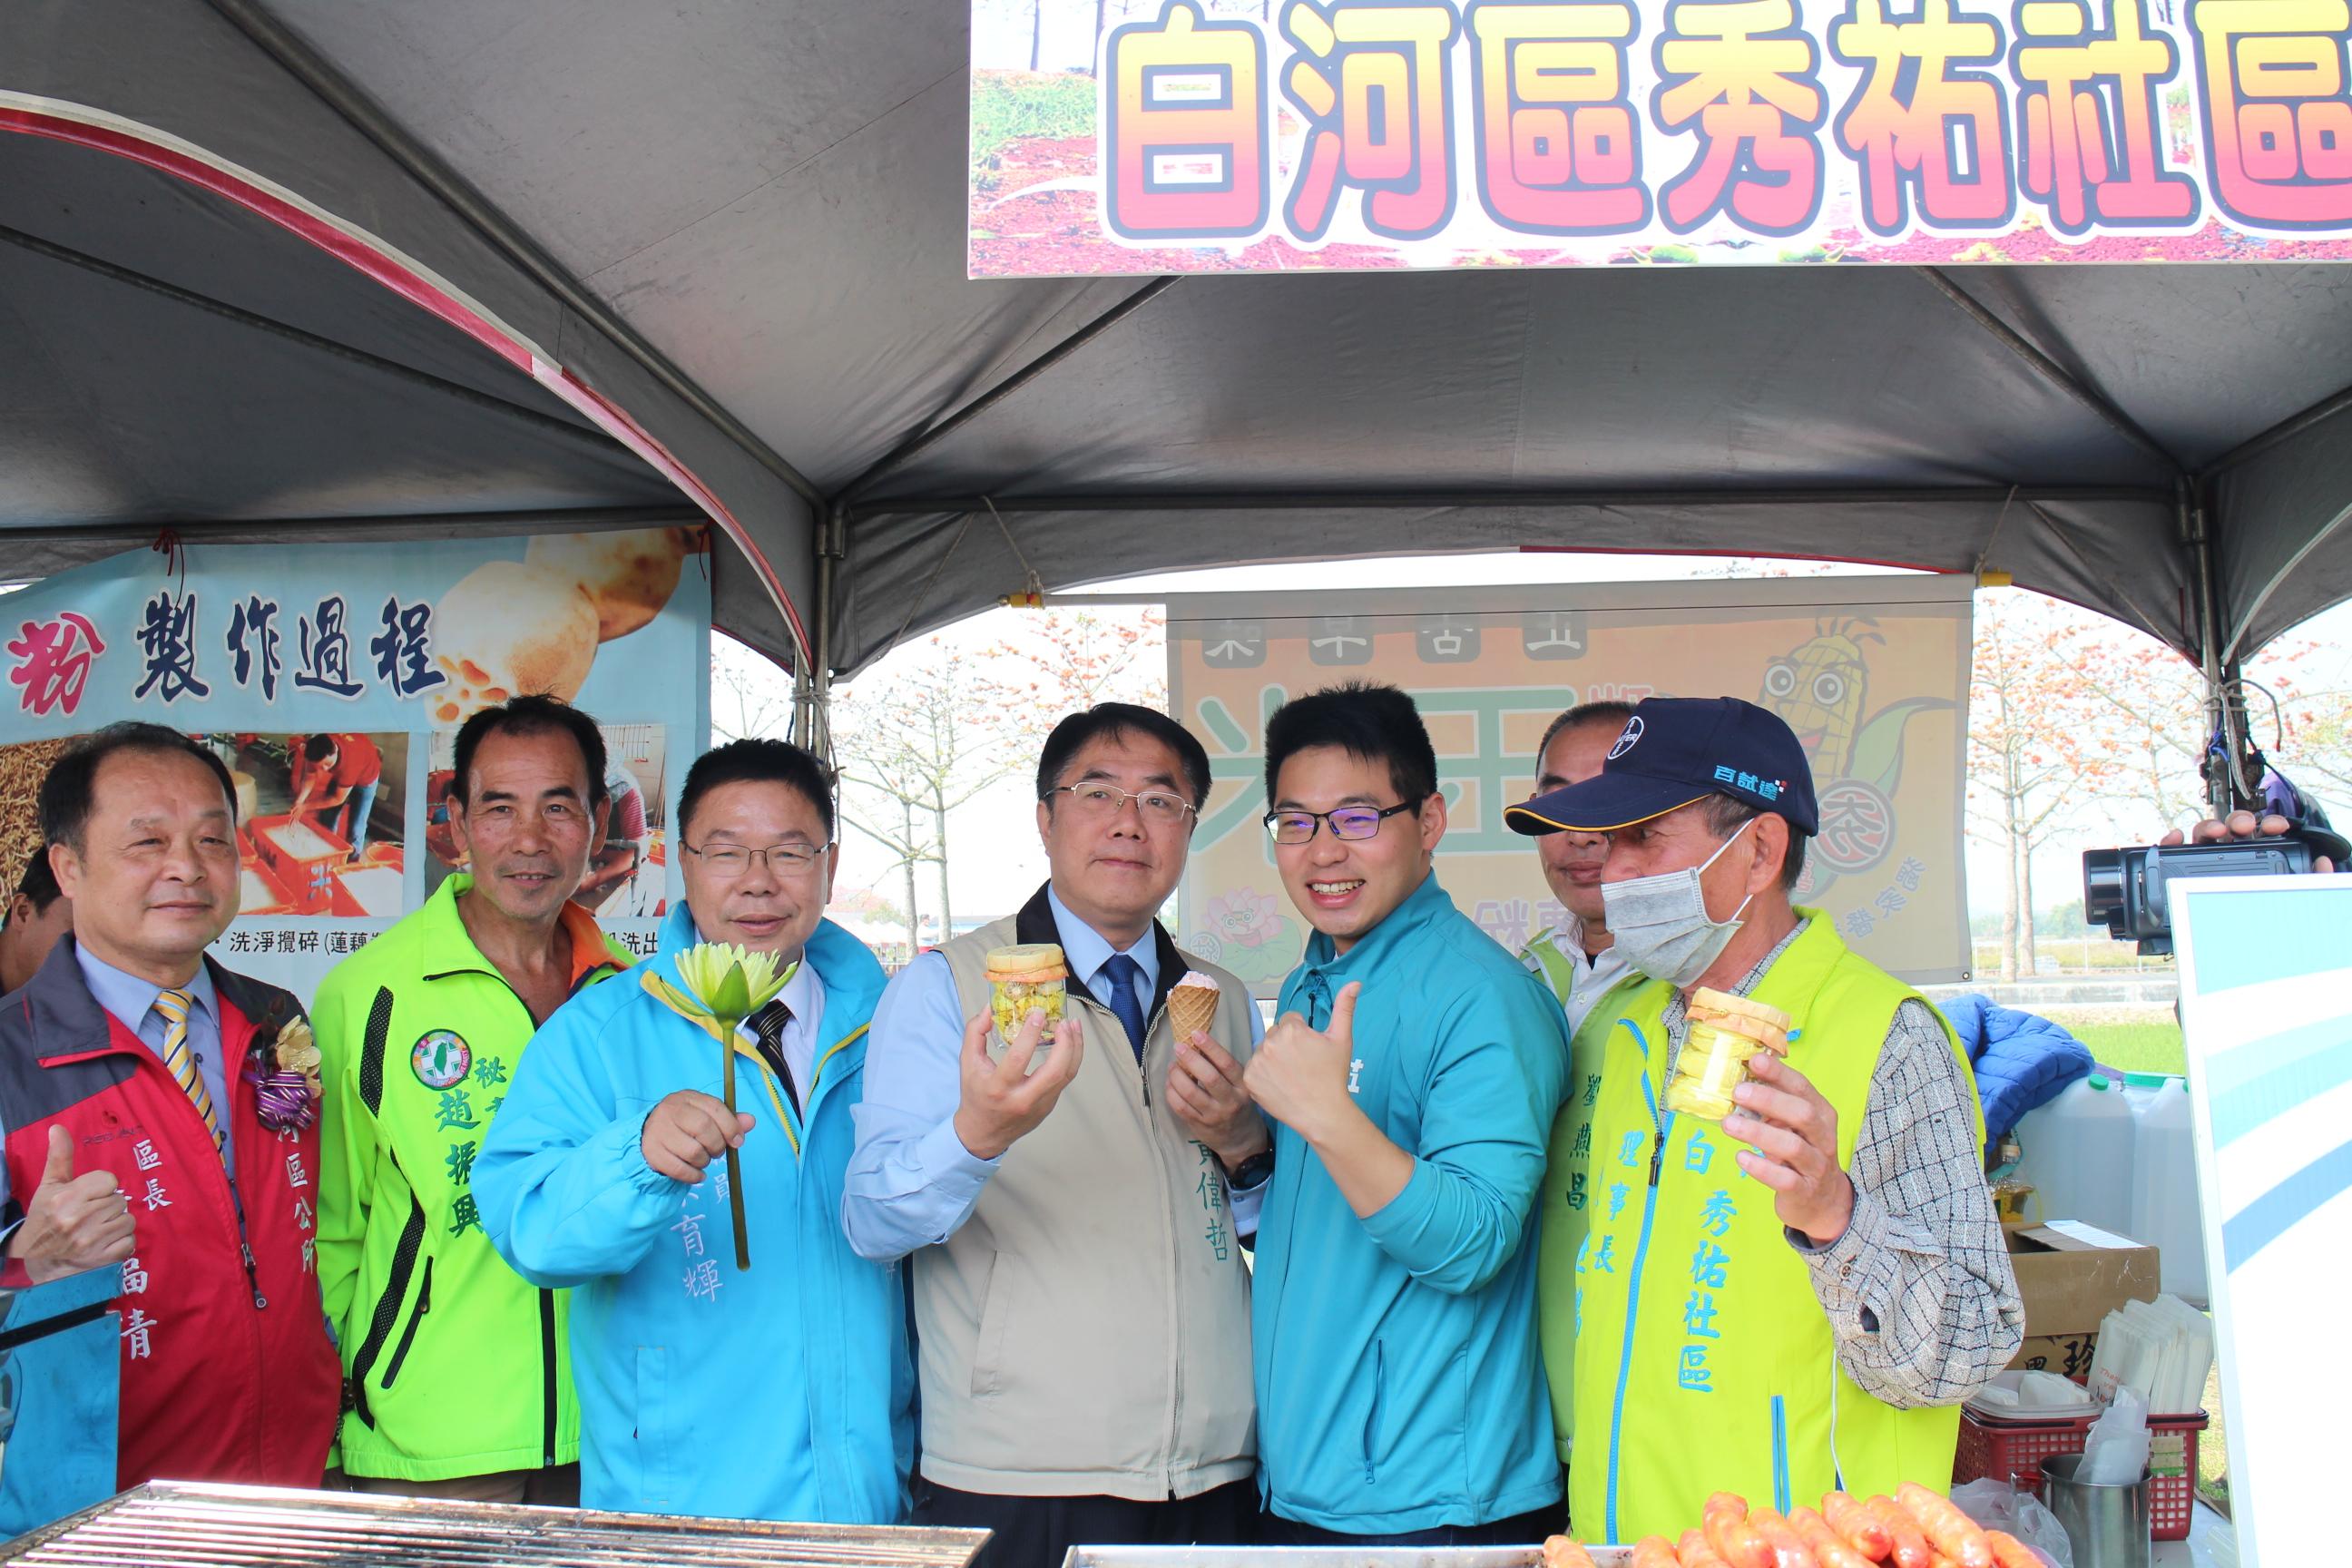 市長參觀農夫市集並推廣台南農產品